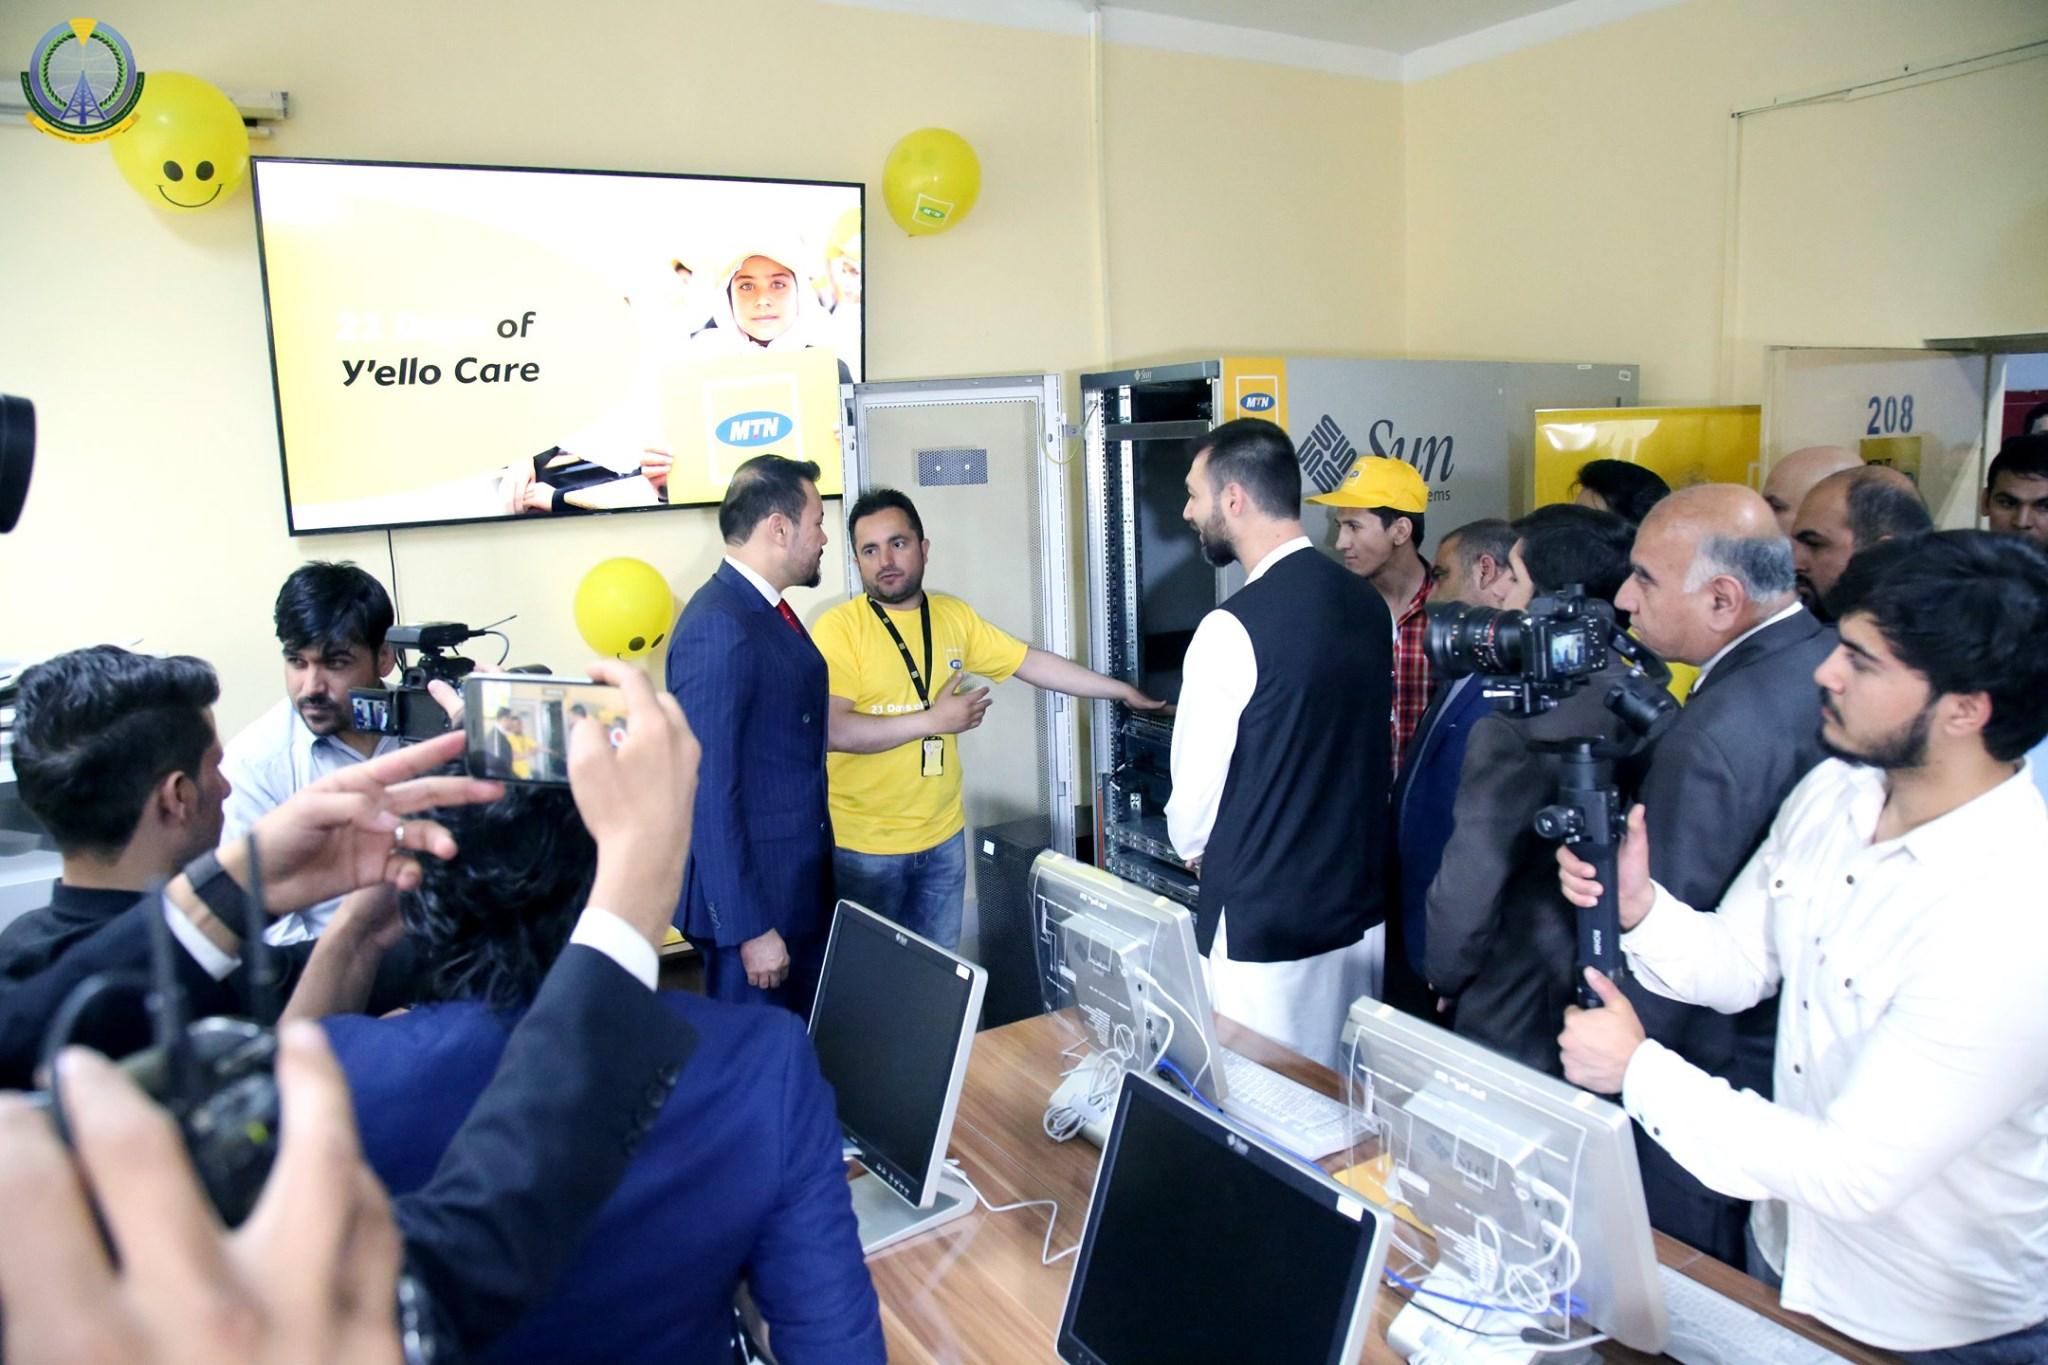 افتتاح مرکز تحقیقاتی تکنالوژی معلوماتی برای جوانان و محصلین IT